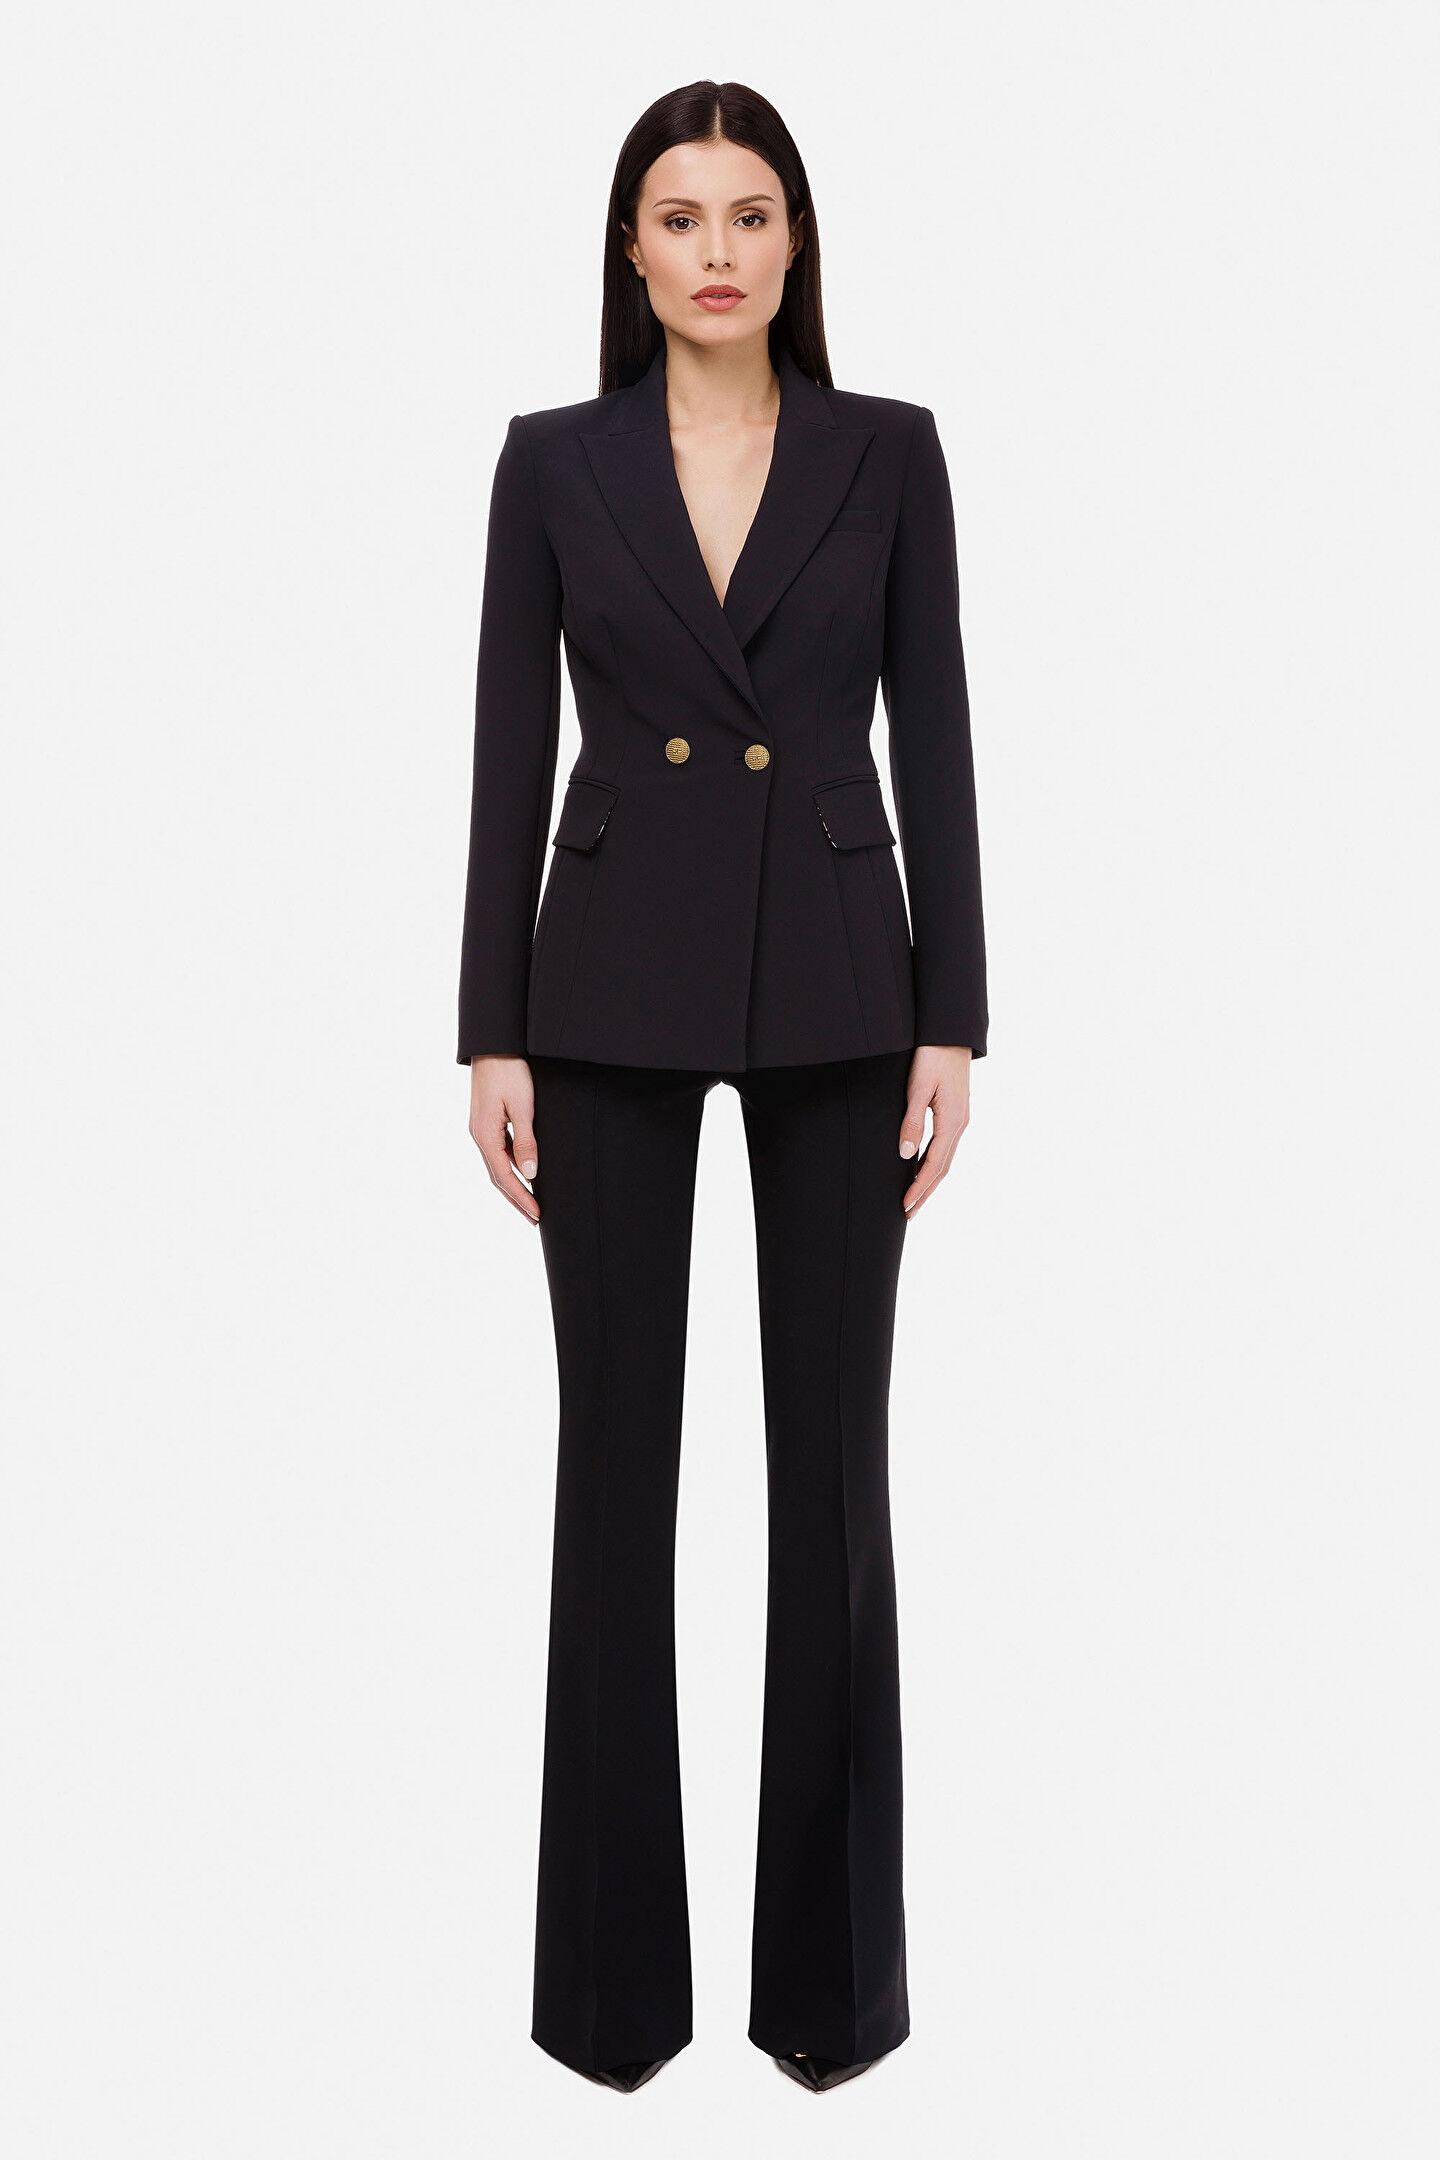 Jacket With Revers - Elisabetta Franchi